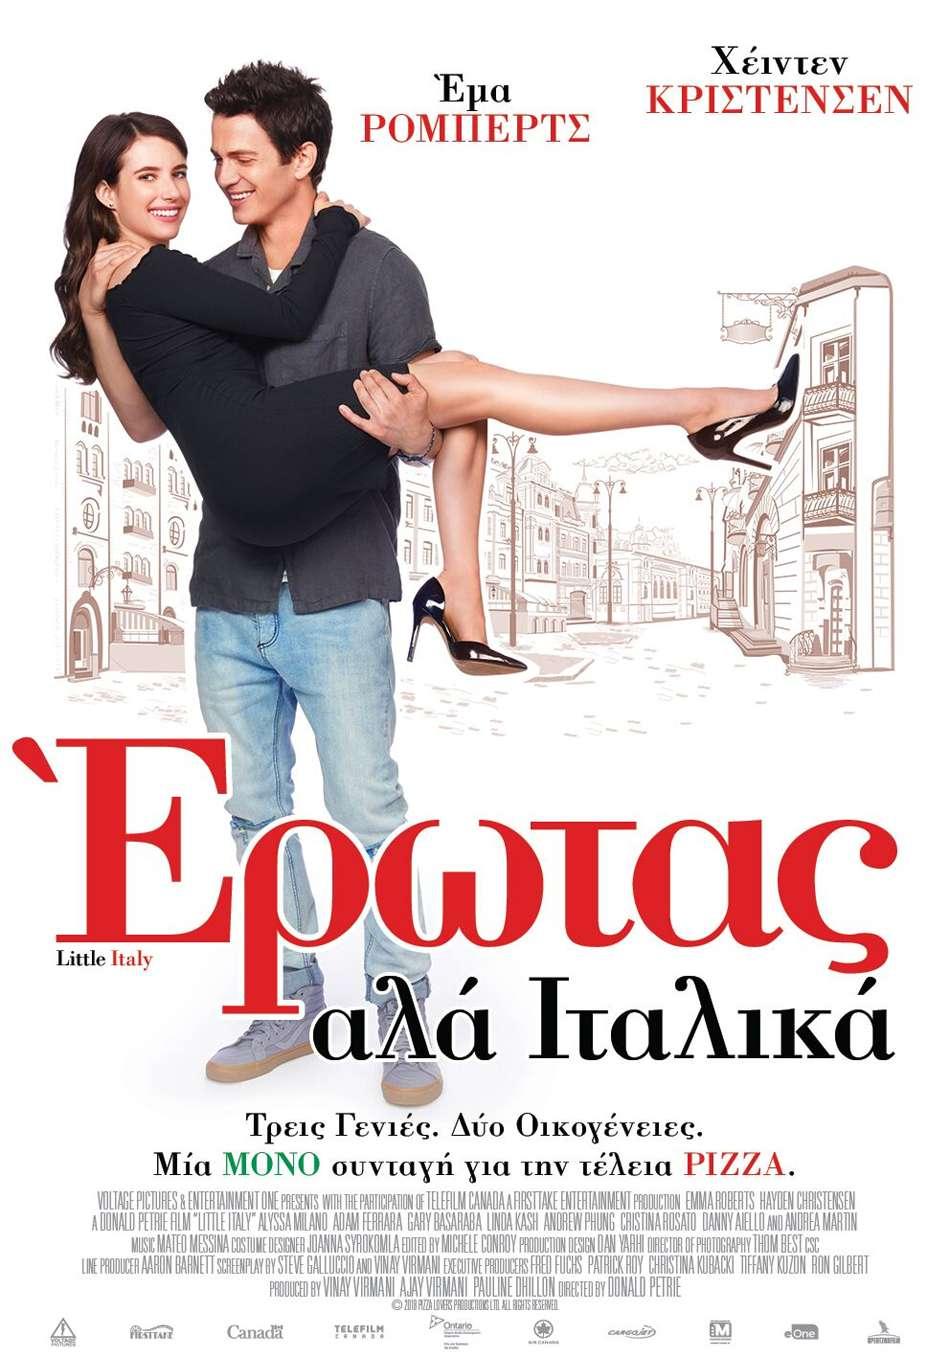 Έρωτας Αλά Ιταλικά (Little Italy) Poster Πόστερ